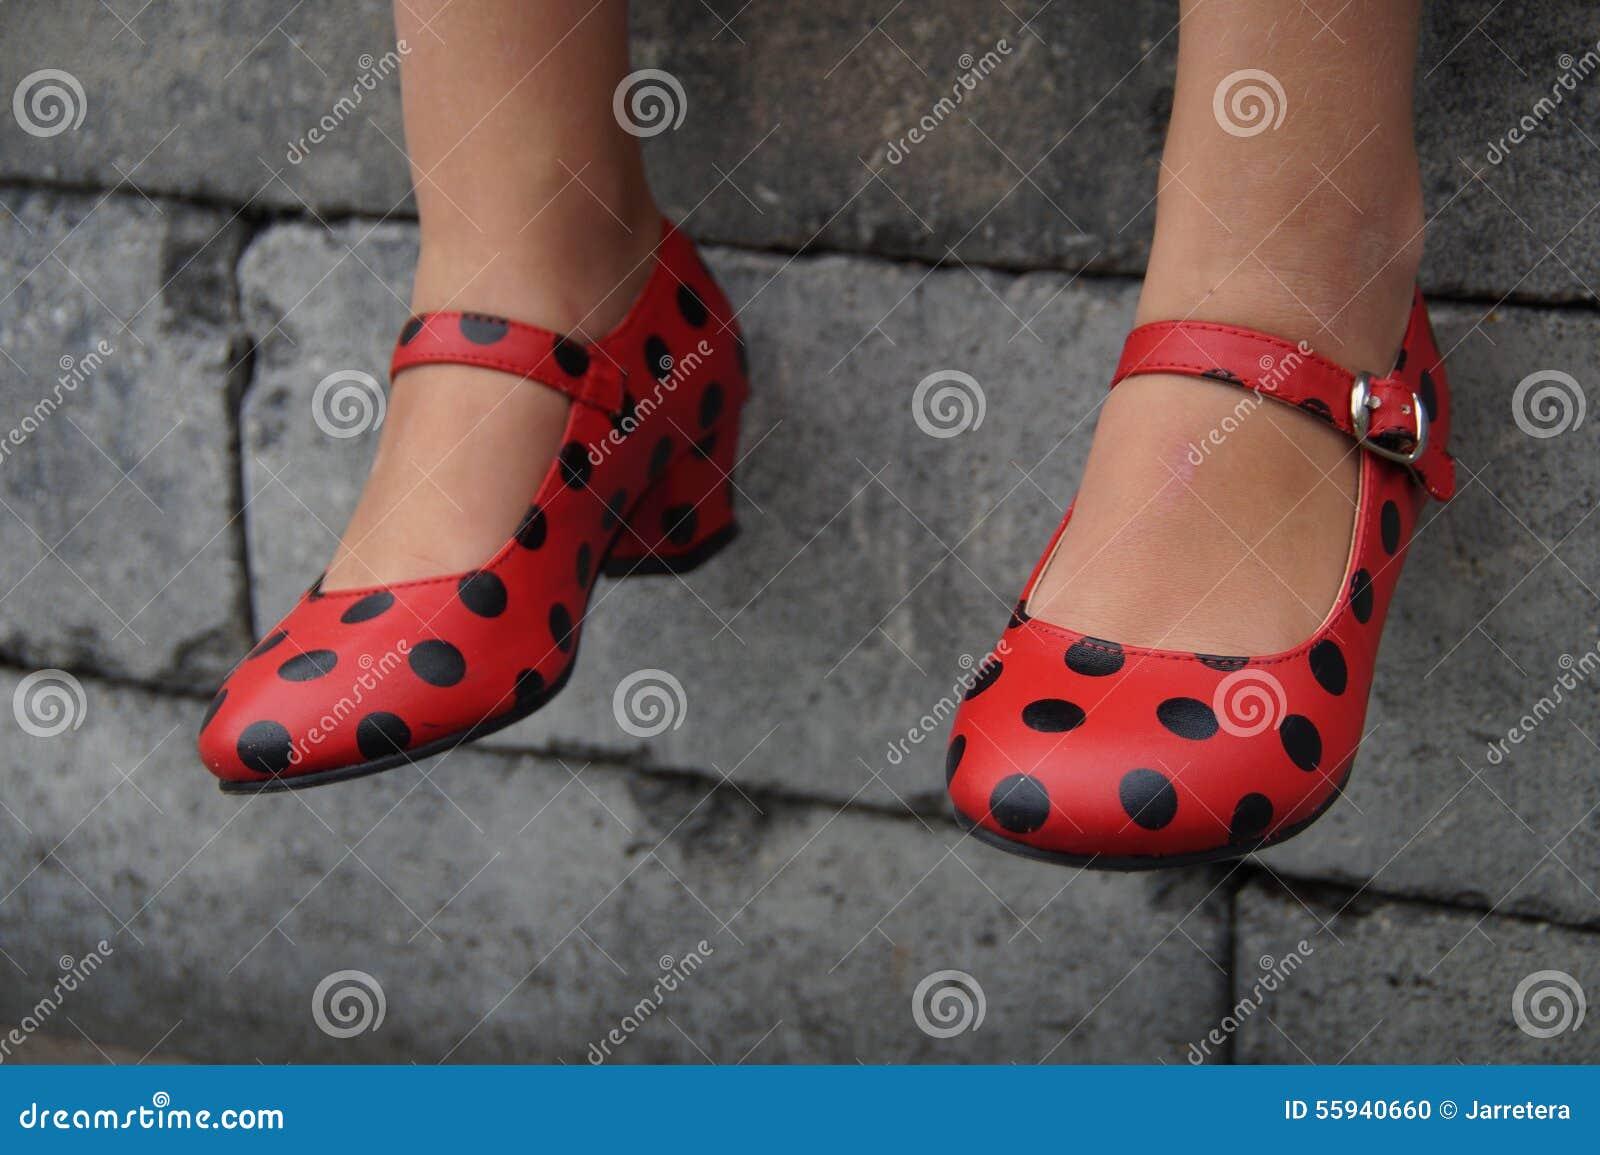 the best attitude be2ee 18352 Scarpe Spagnole Di Ballo Di Flamenco - Sedendosi Fotografia ...